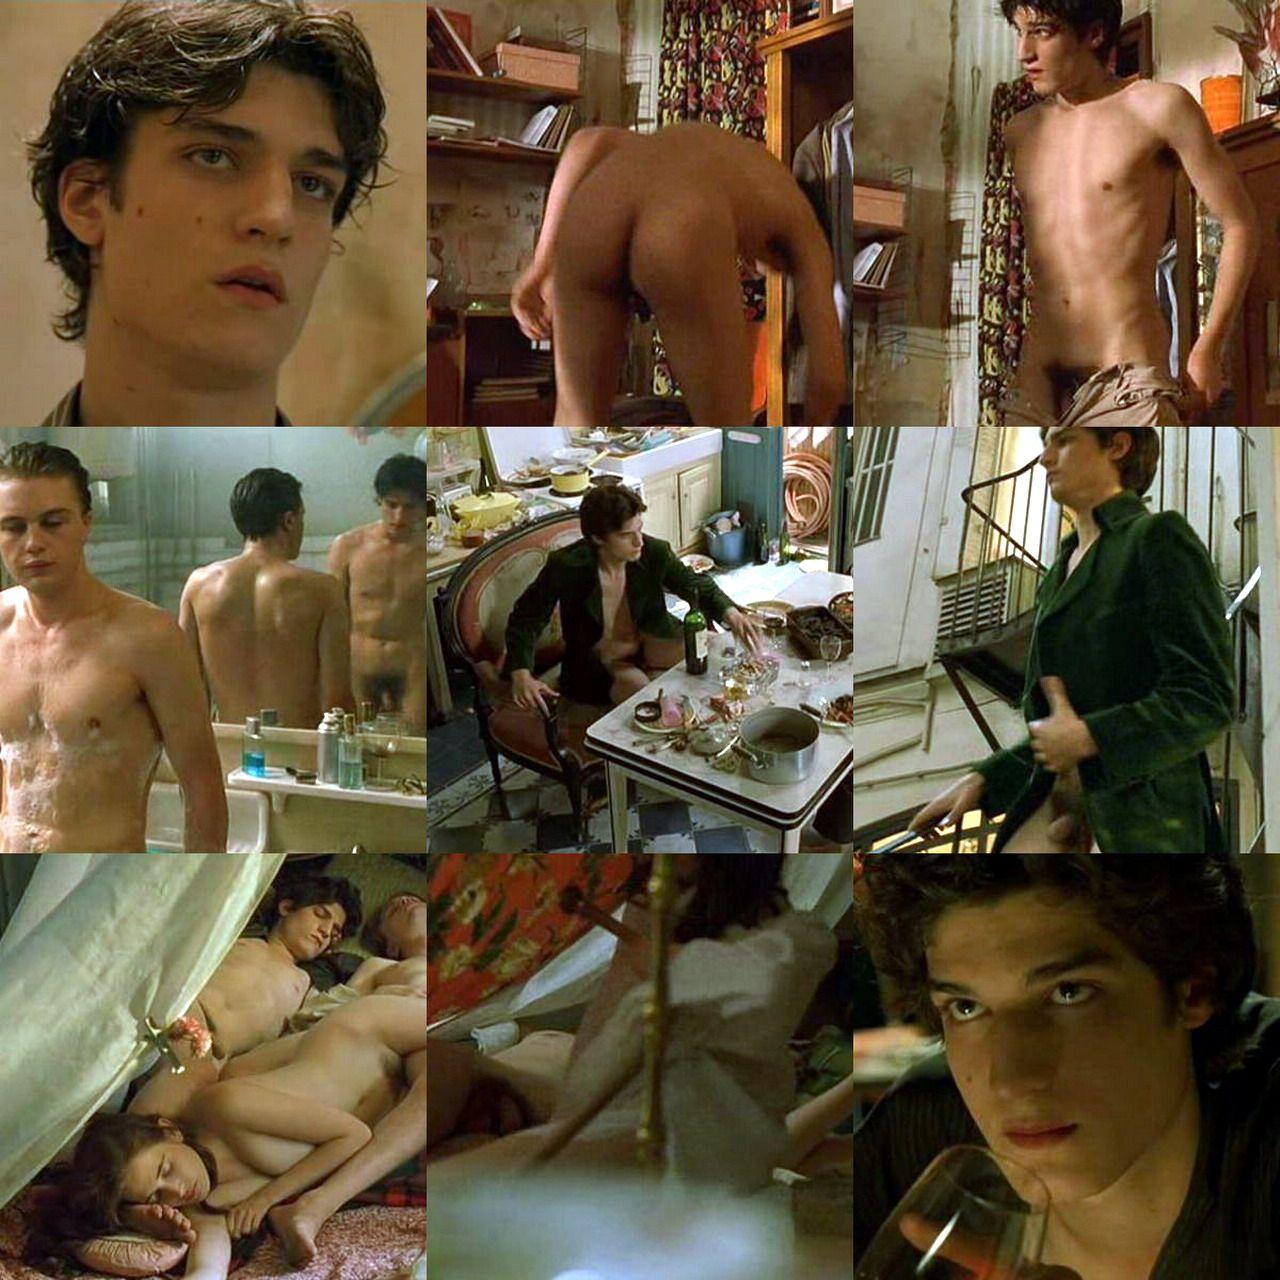 http://4.bp.blogspot.com/_lVsR7e8VsvM/TRH1Rw41xQI/AAAAAAAAlmc/YIVvGxsFucY/s1600/Louis+Garrel+in+The+Dreamers.jpeg